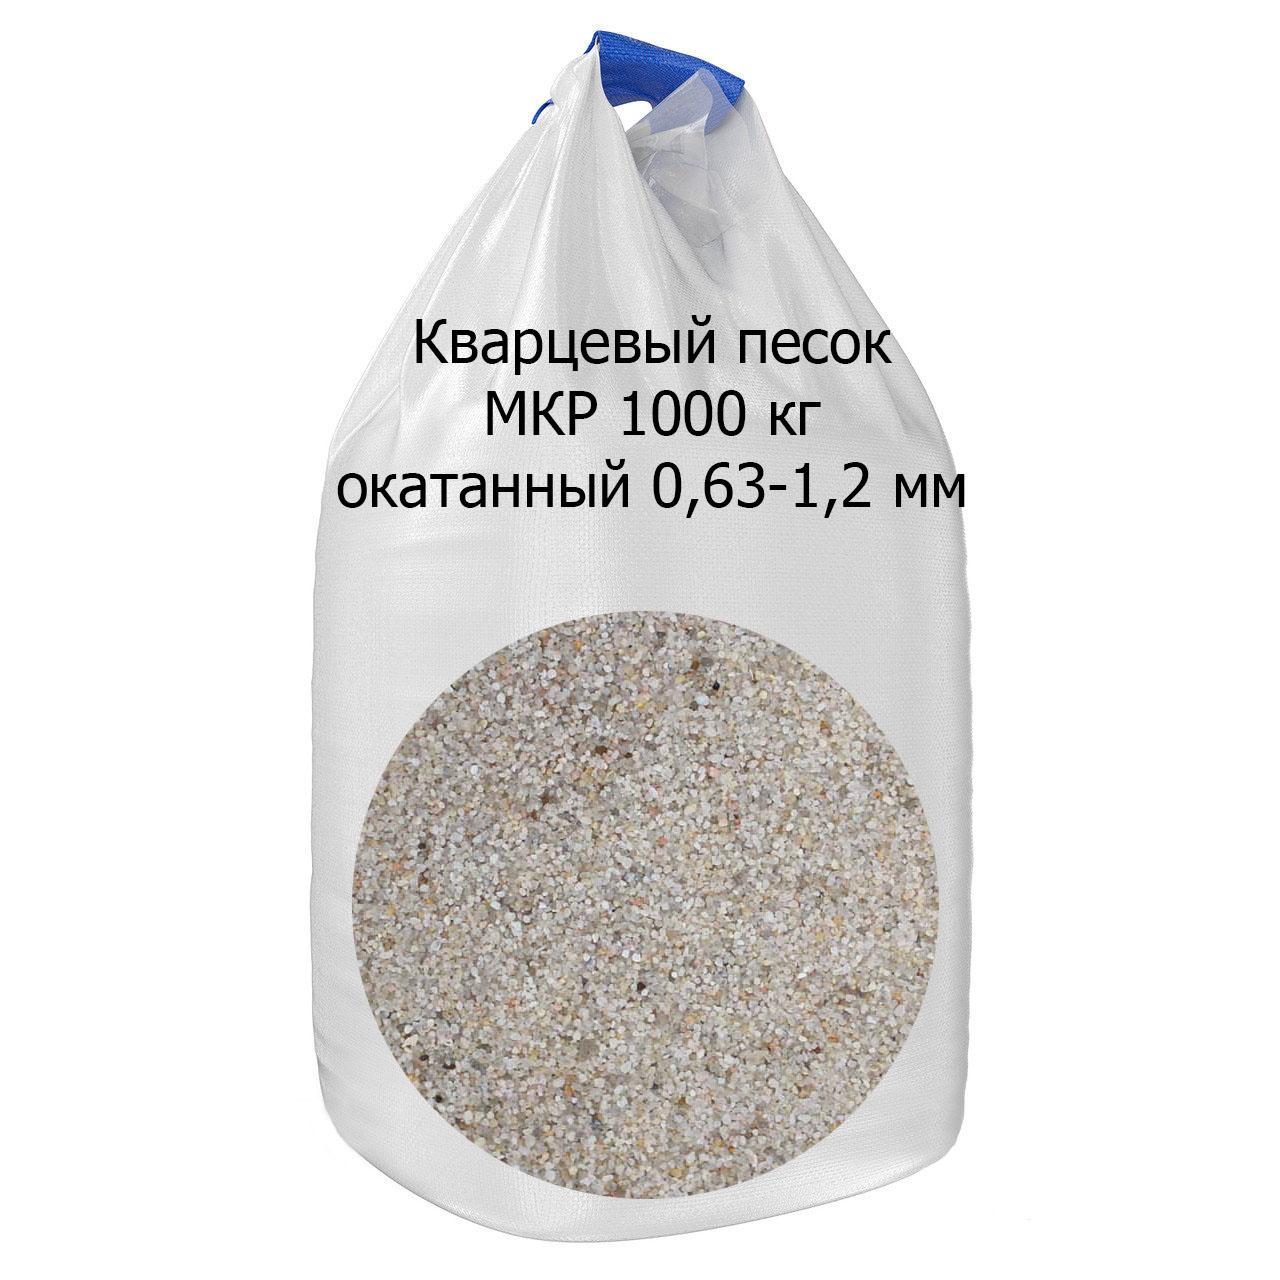 Песок кварцевый 0,63-1,2 мм в МКР (биг-бэг) 1000 кг